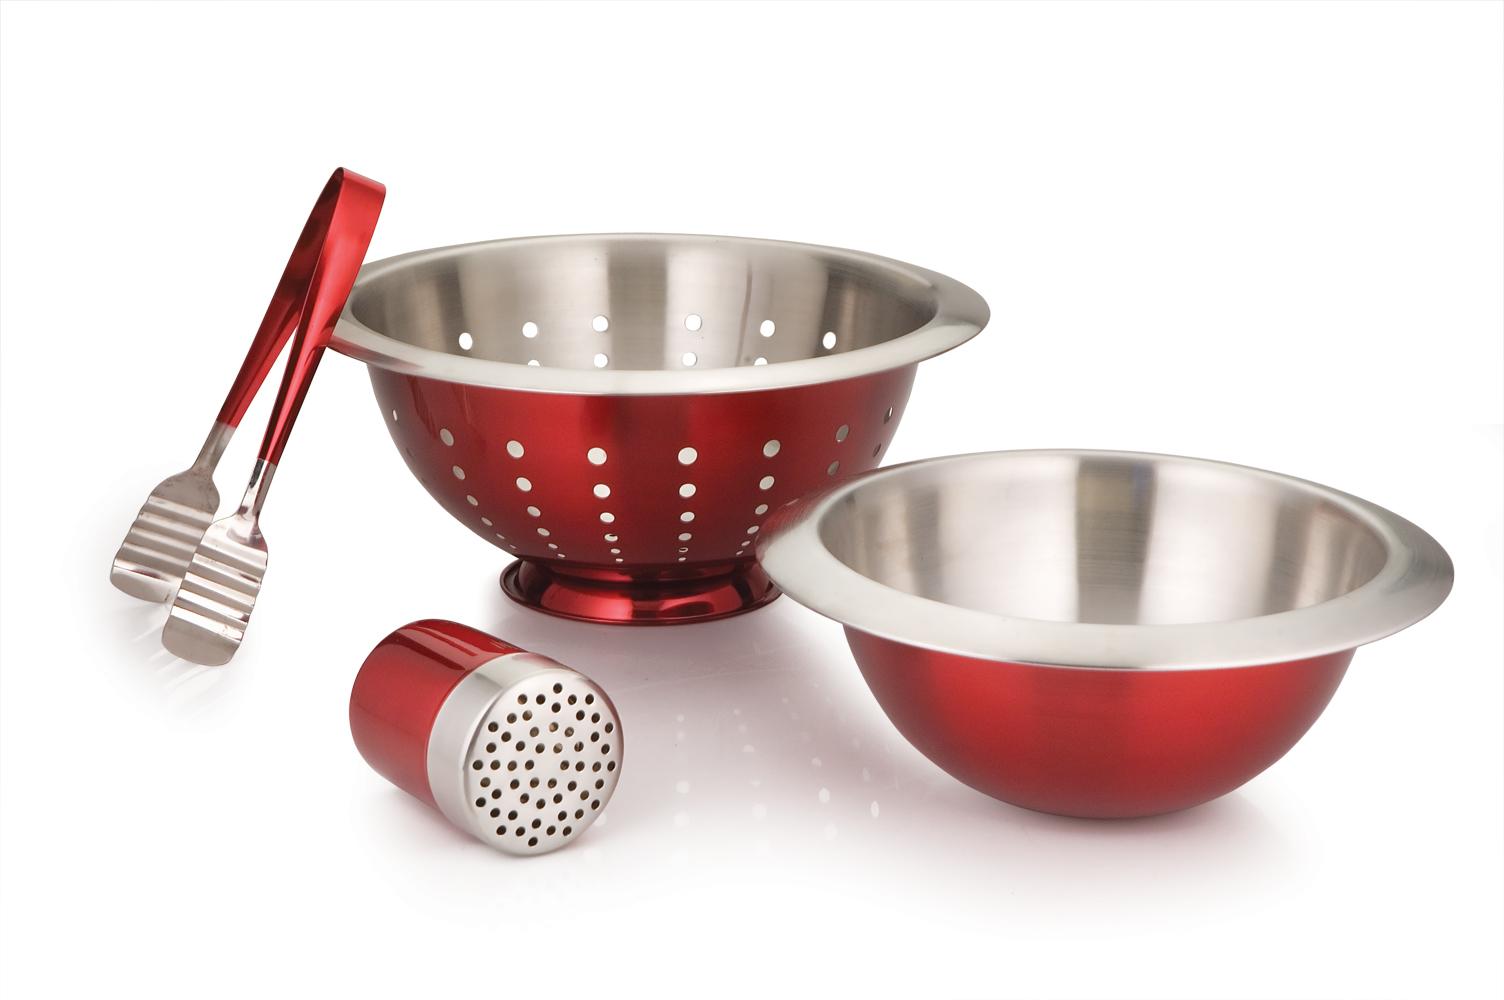 Pasta set of 4Pcs Red